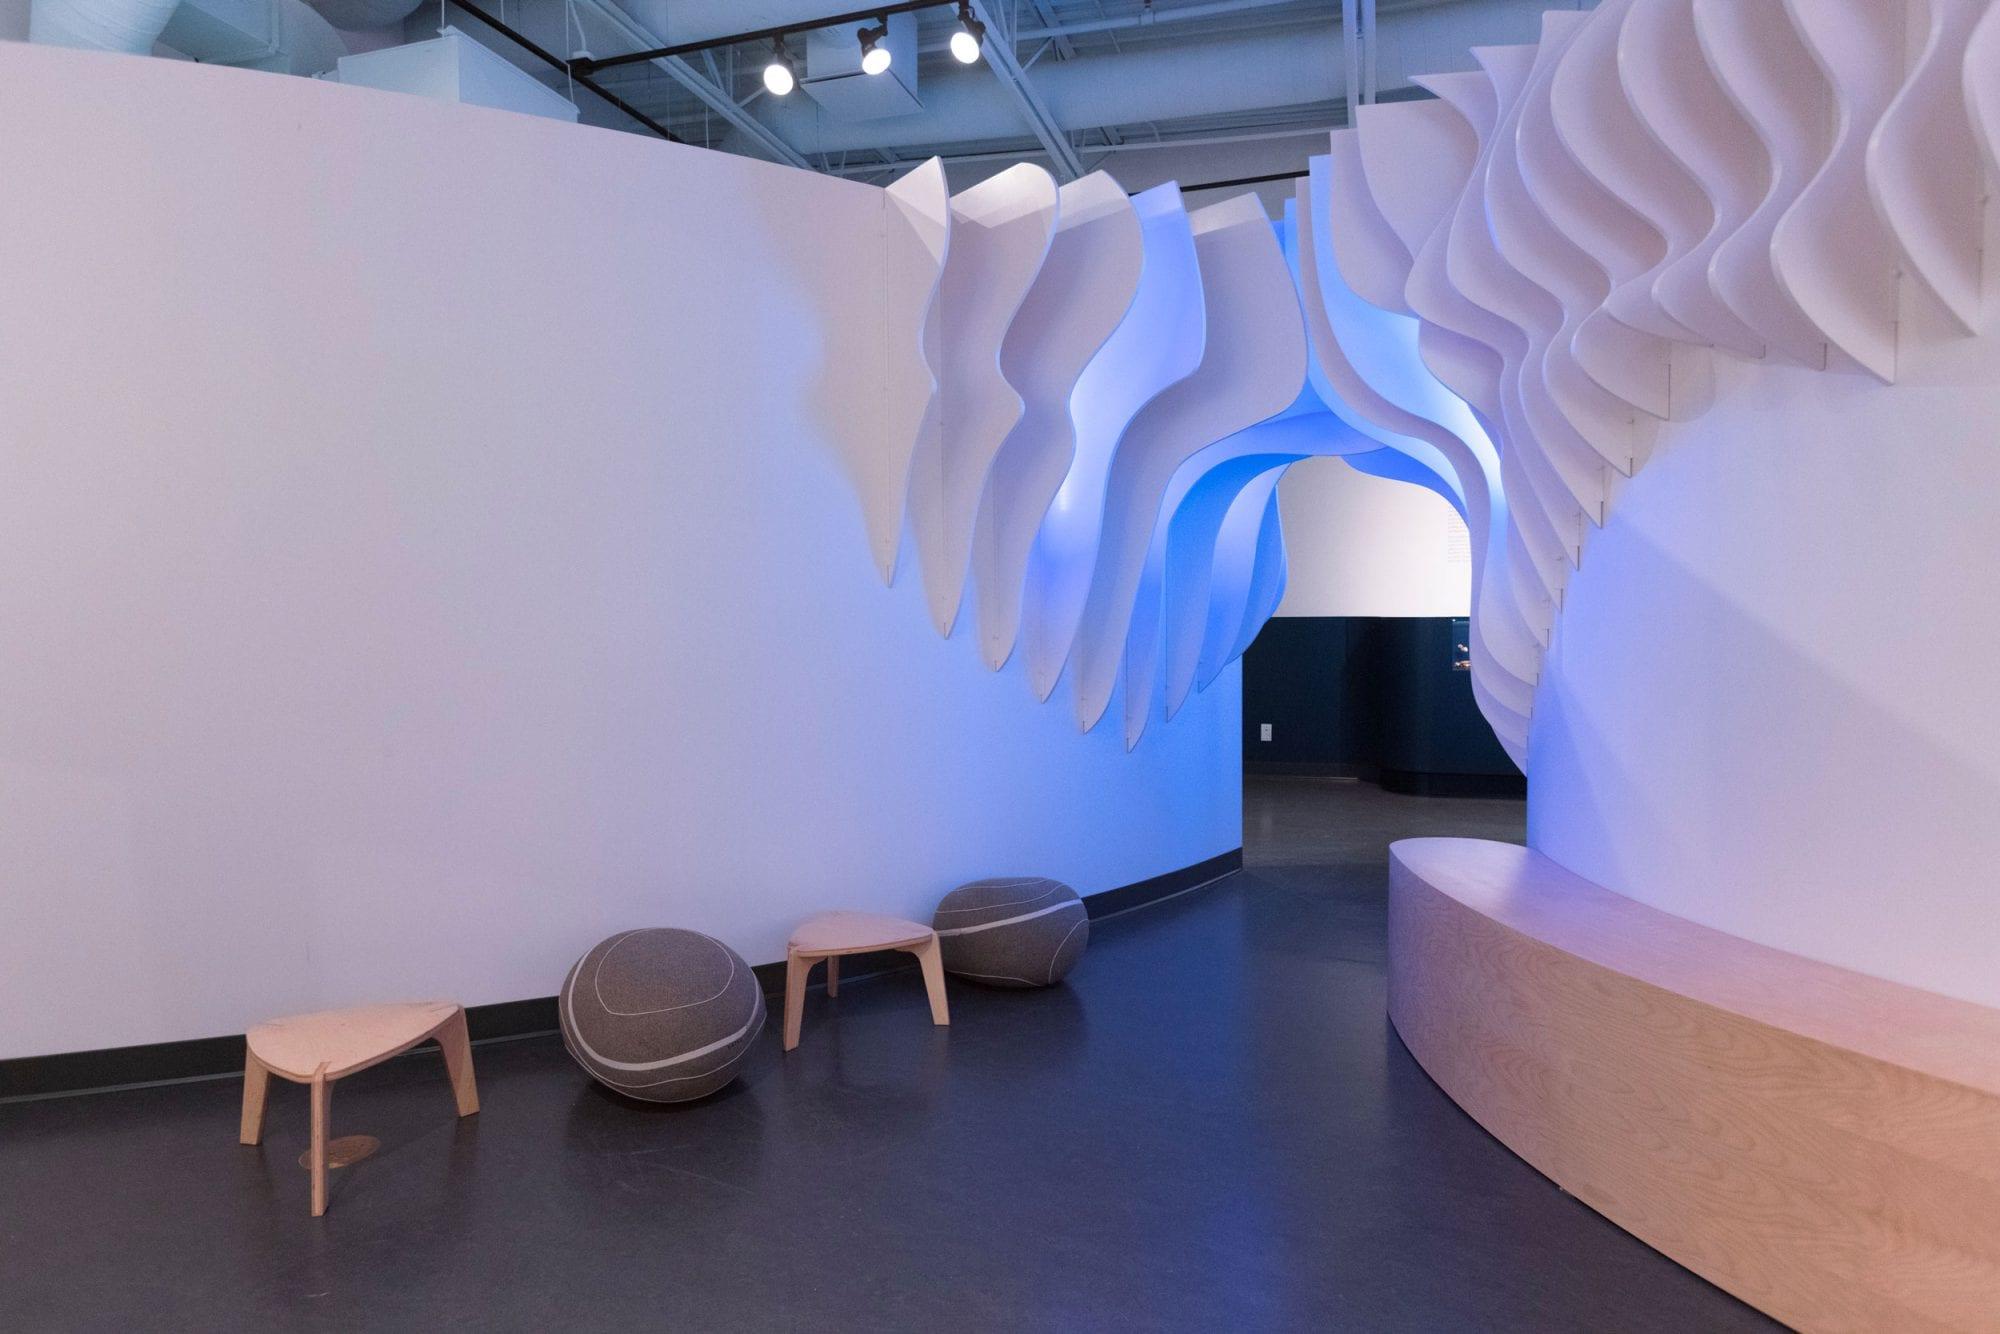 Musée de la Gaspésie - Exhibition & Museum Design - Interactive immersive design